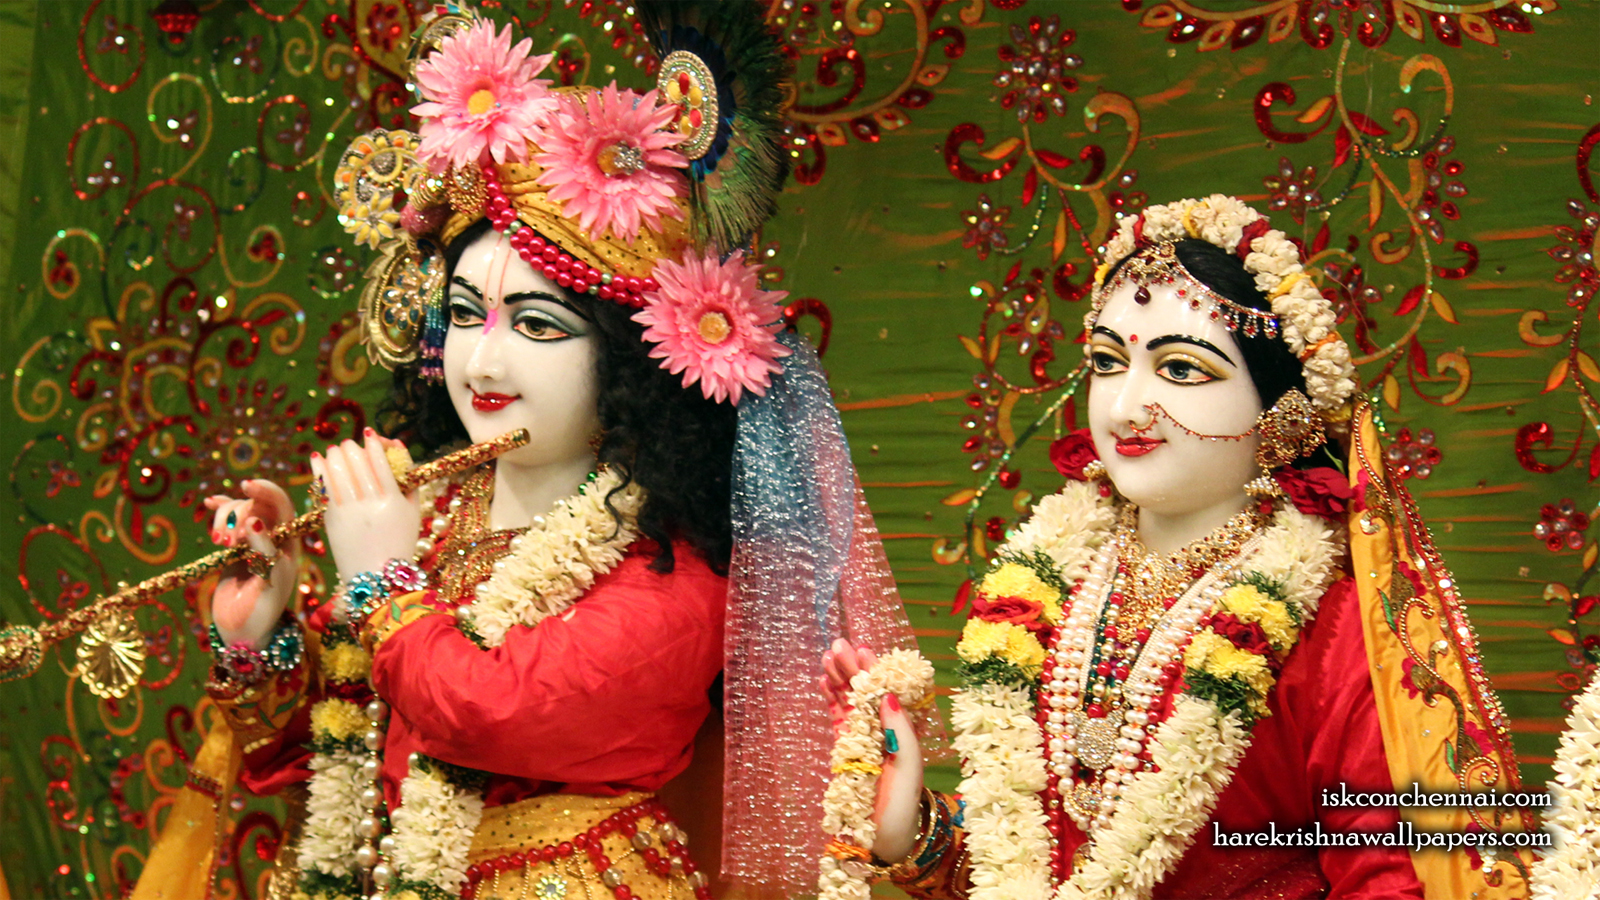 Sri Sri Radha Krishna Close up Wallpaper (015) Size 1600x900 Download